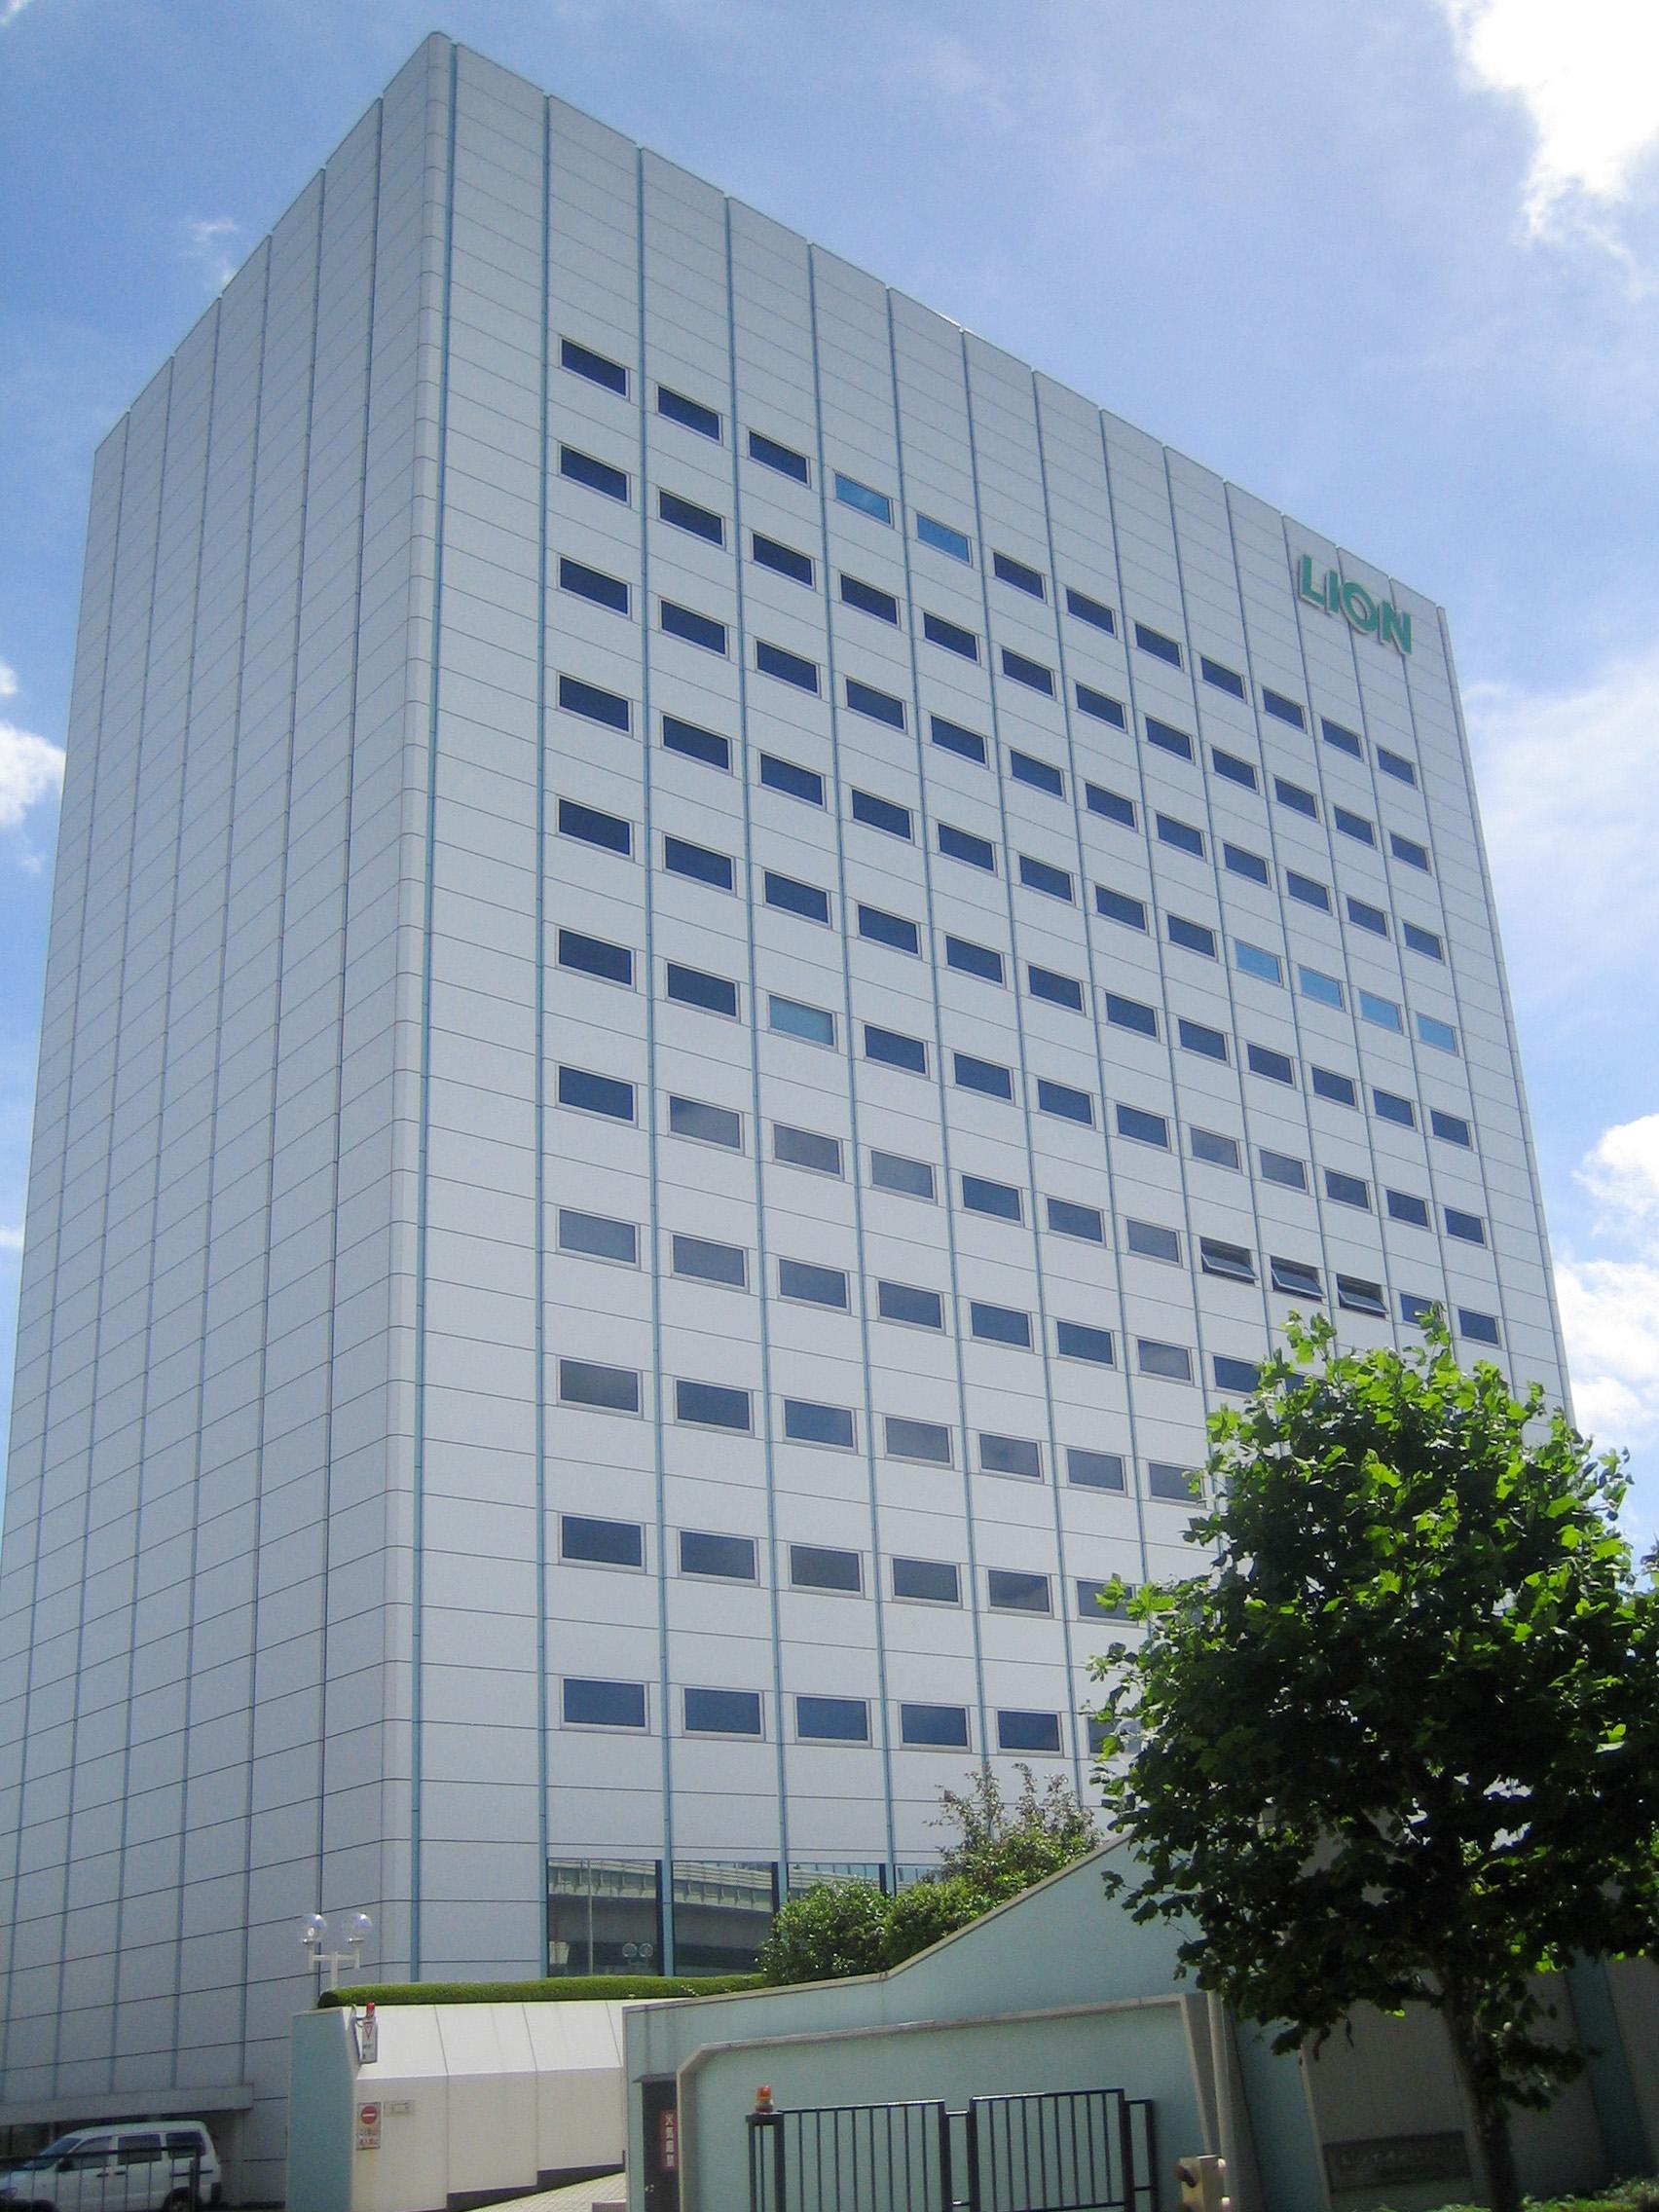 Lion_Corporation_(headquarters)_1